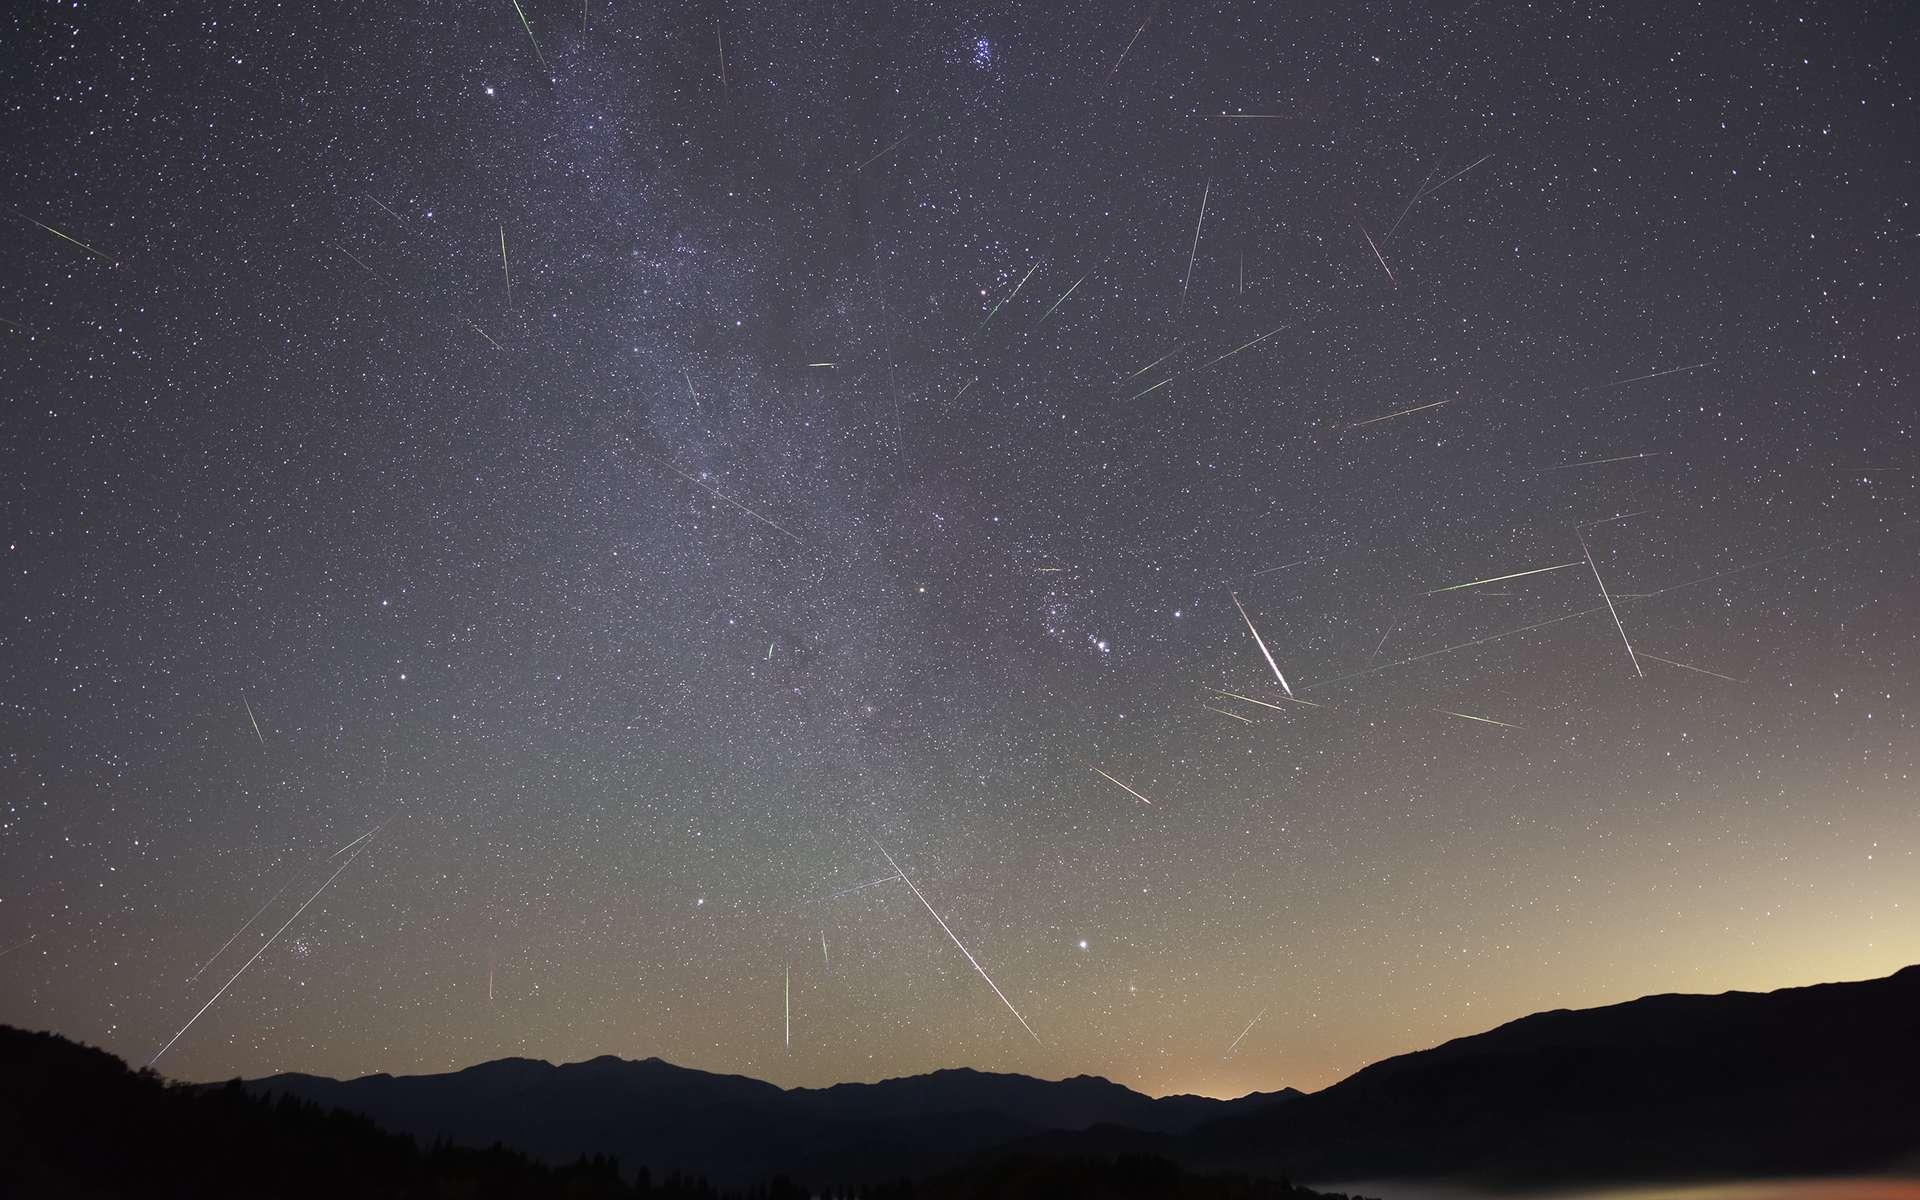 L'essaim météoritique des Orionides. Comme on peut le voir sur cette photo composite, la majorité des étoiles filantes semblent projetées dans le ciel depuis le bras d'Orion. © Yasushi-Aoshima